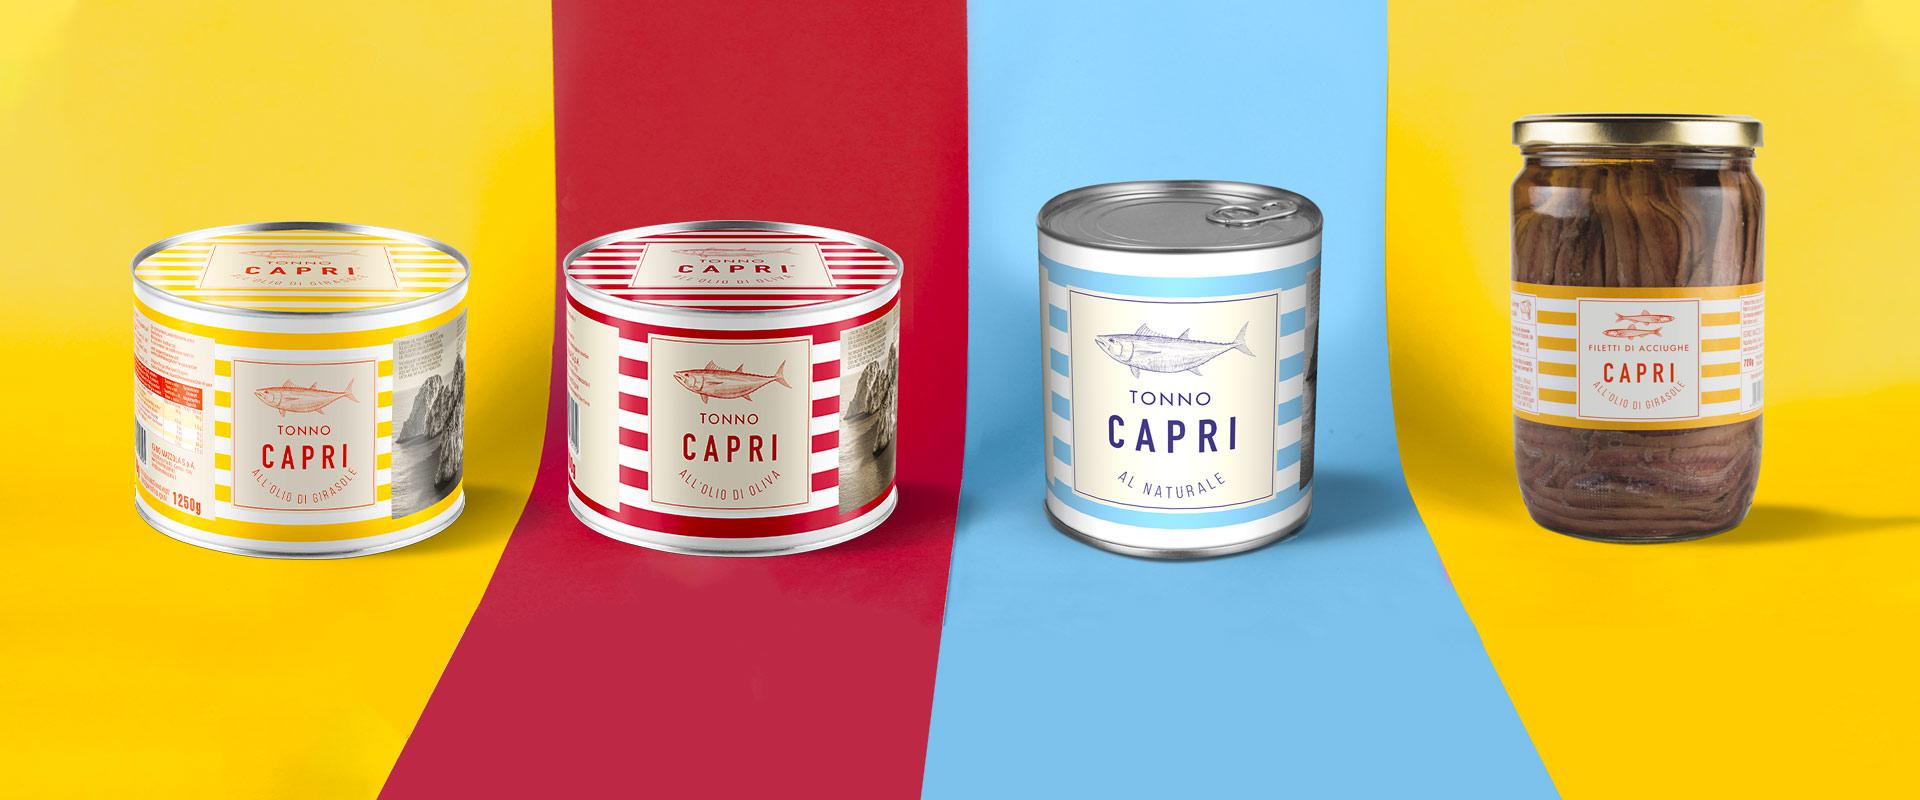 Linea Catering - Tonno Capri